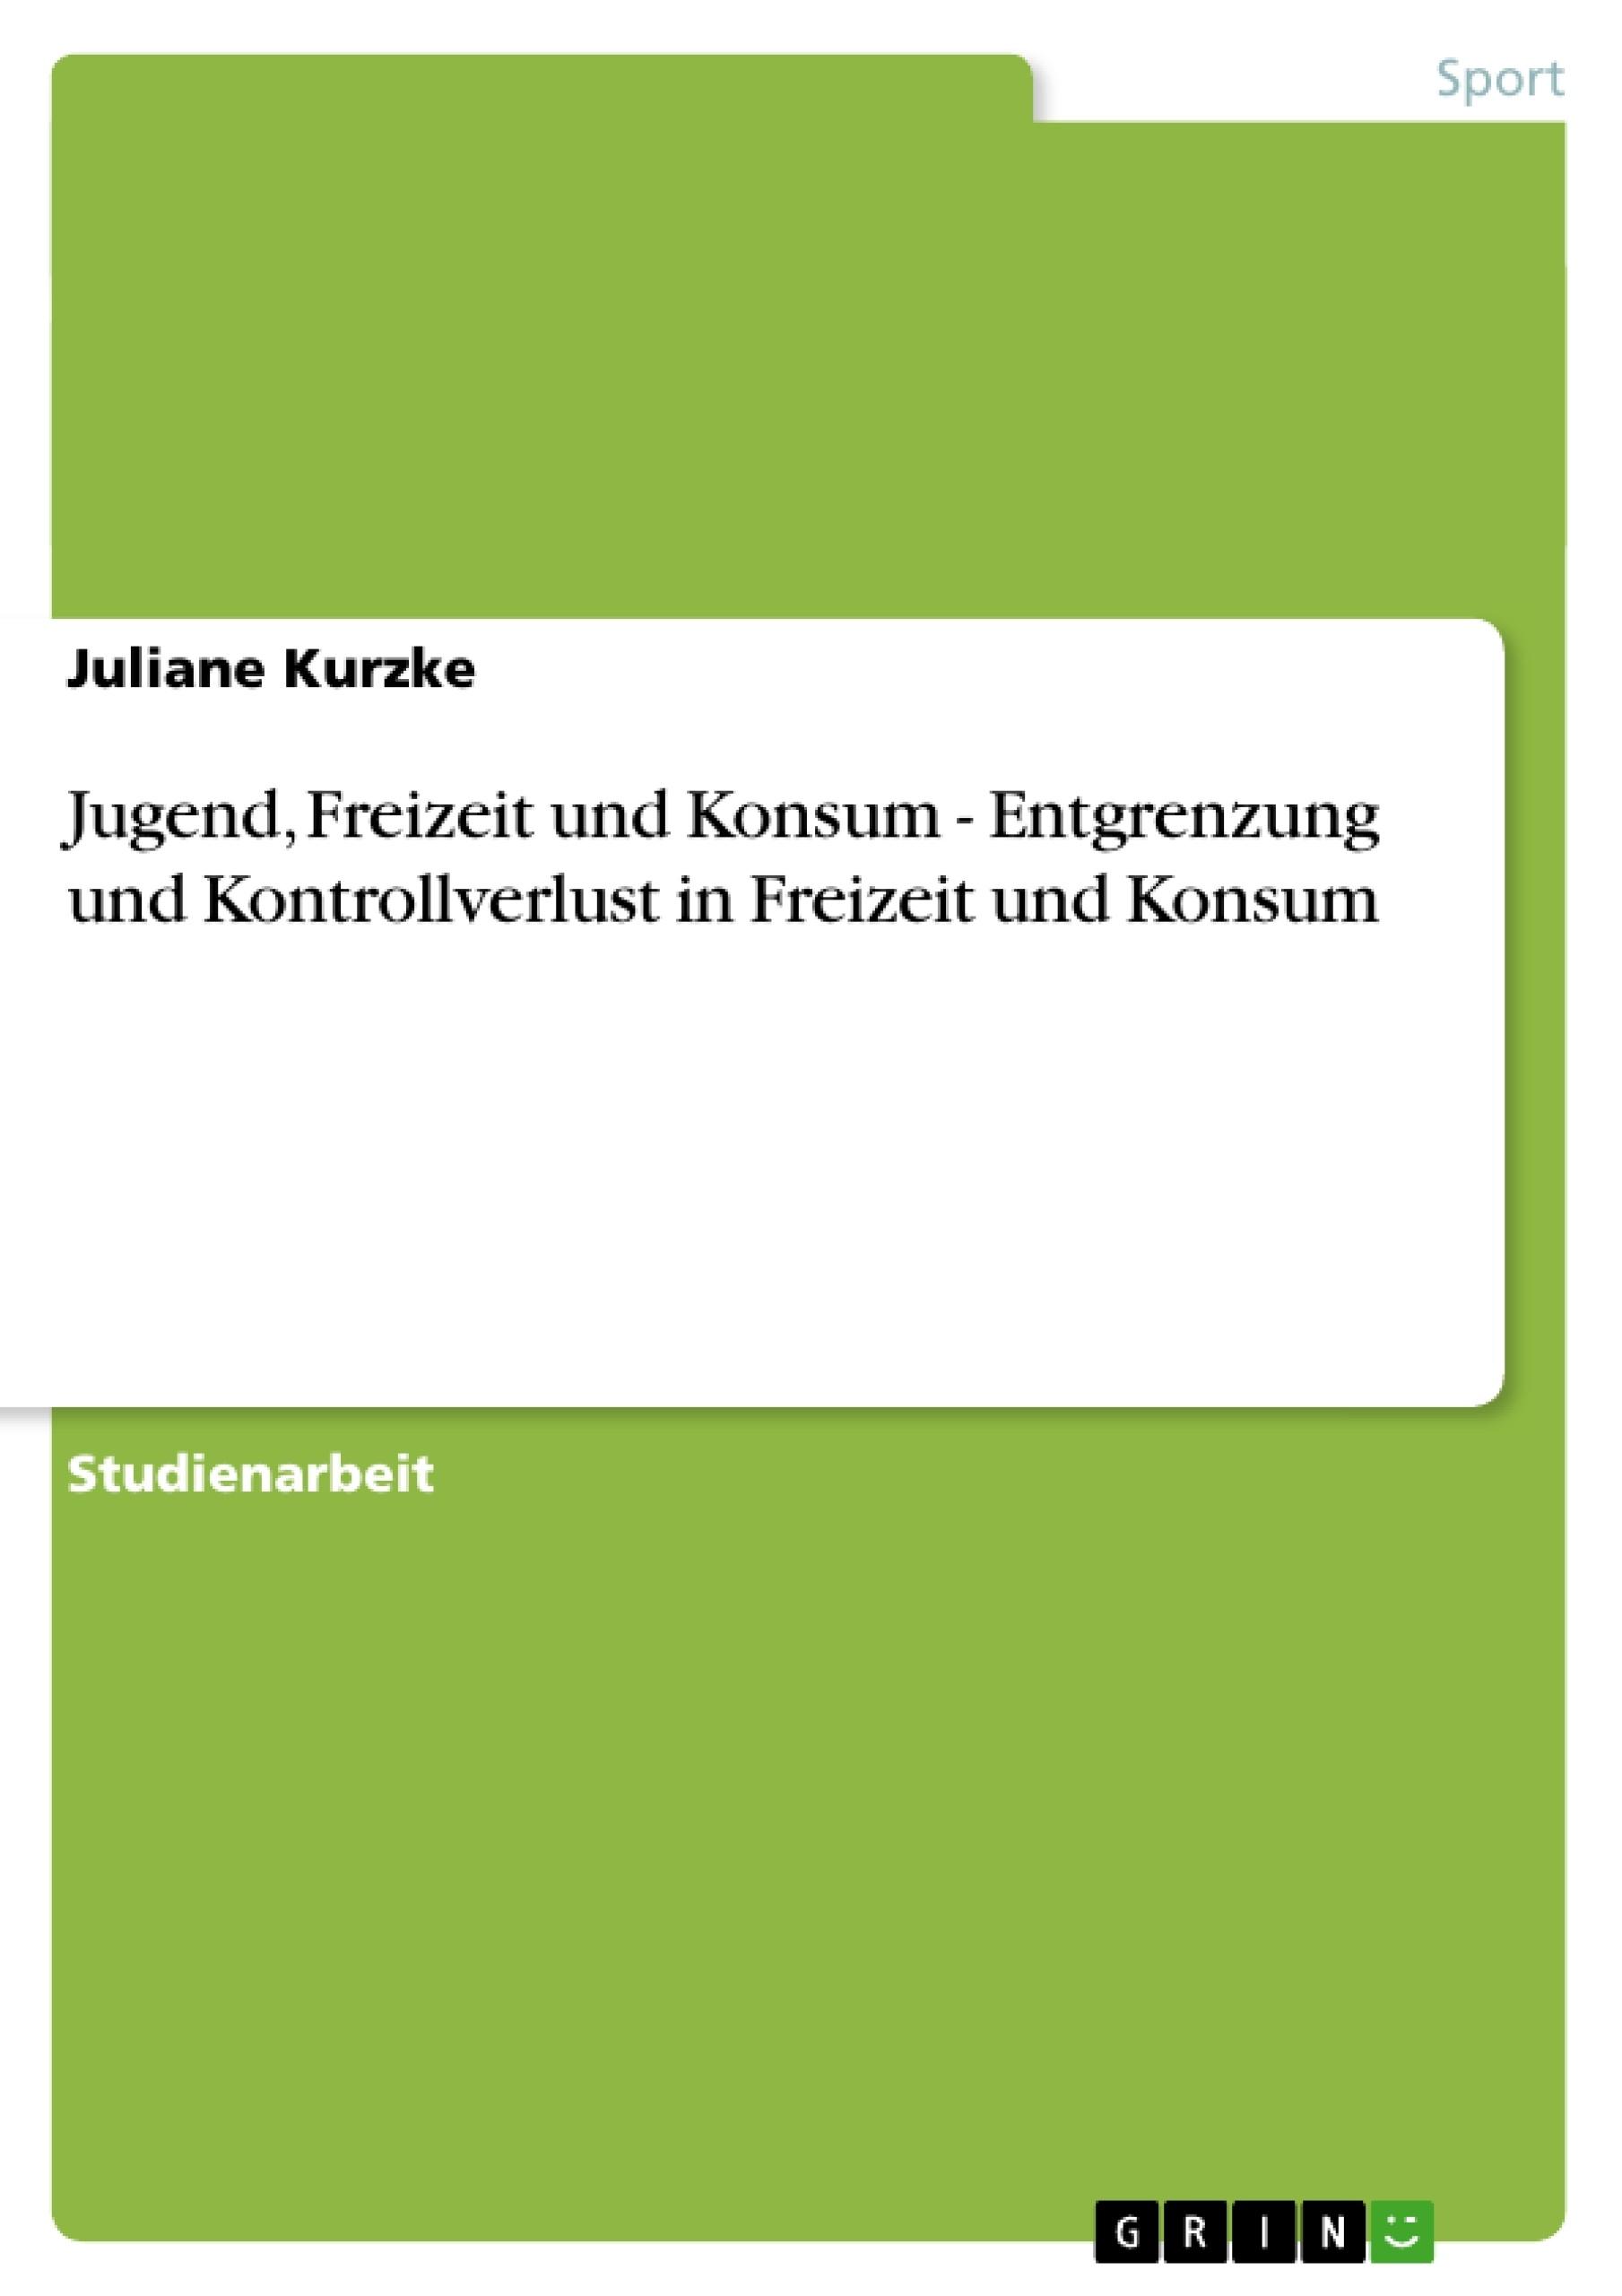 Titel: Jugend, Freizeit und Konsum - Entgrenzung und Kontrollverlust in Freizeit und Konsum